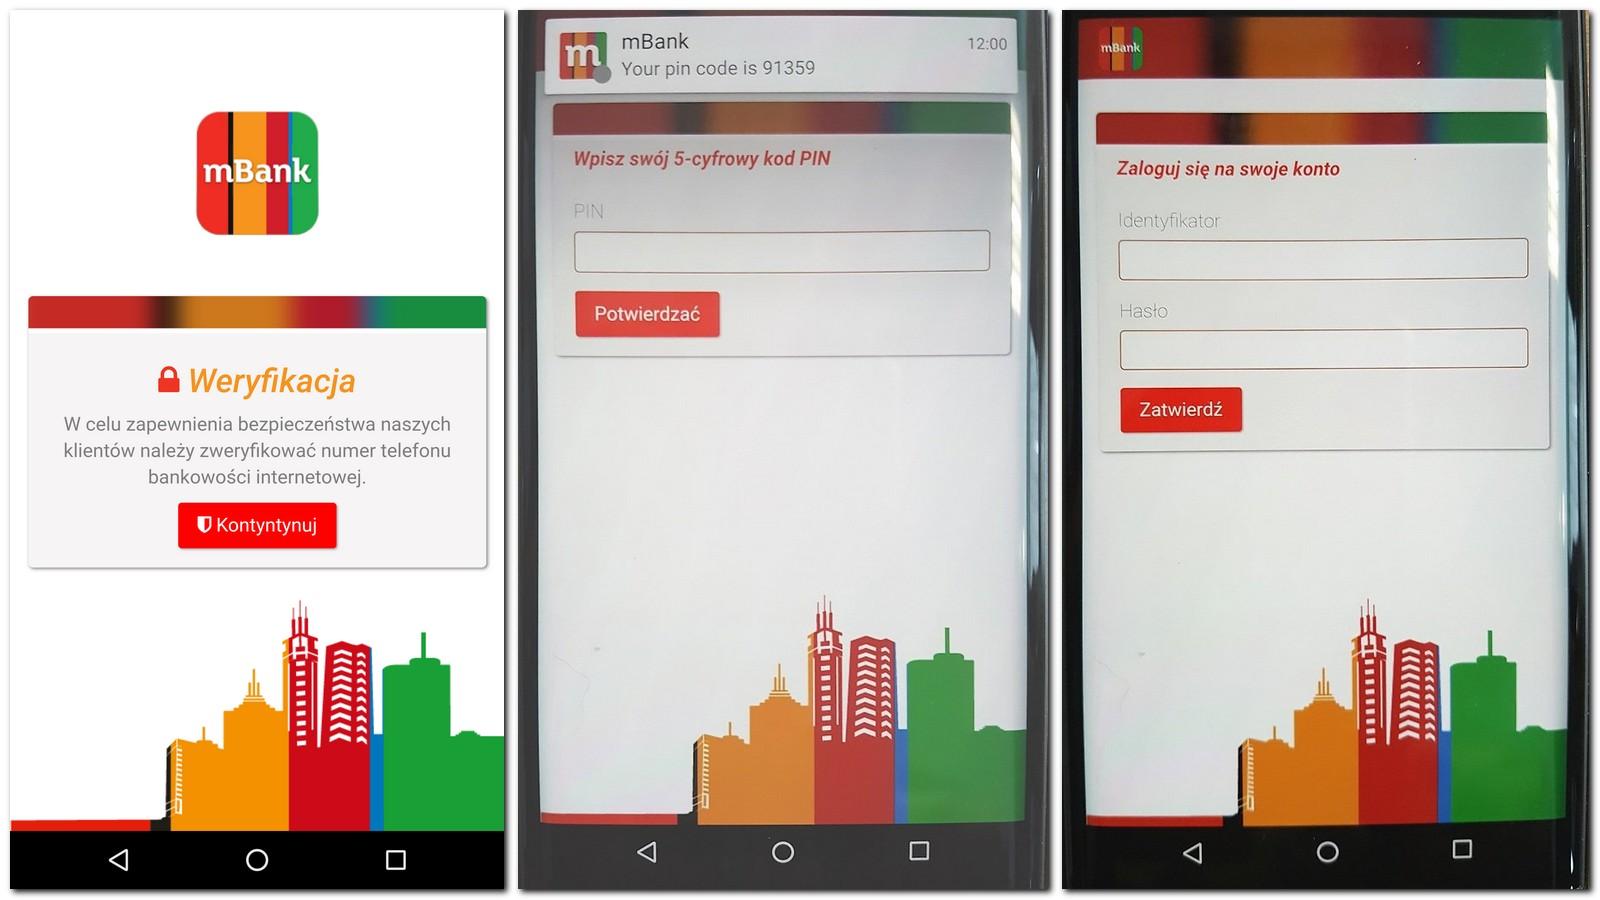 mbank weryfikacja smartfon logowanie